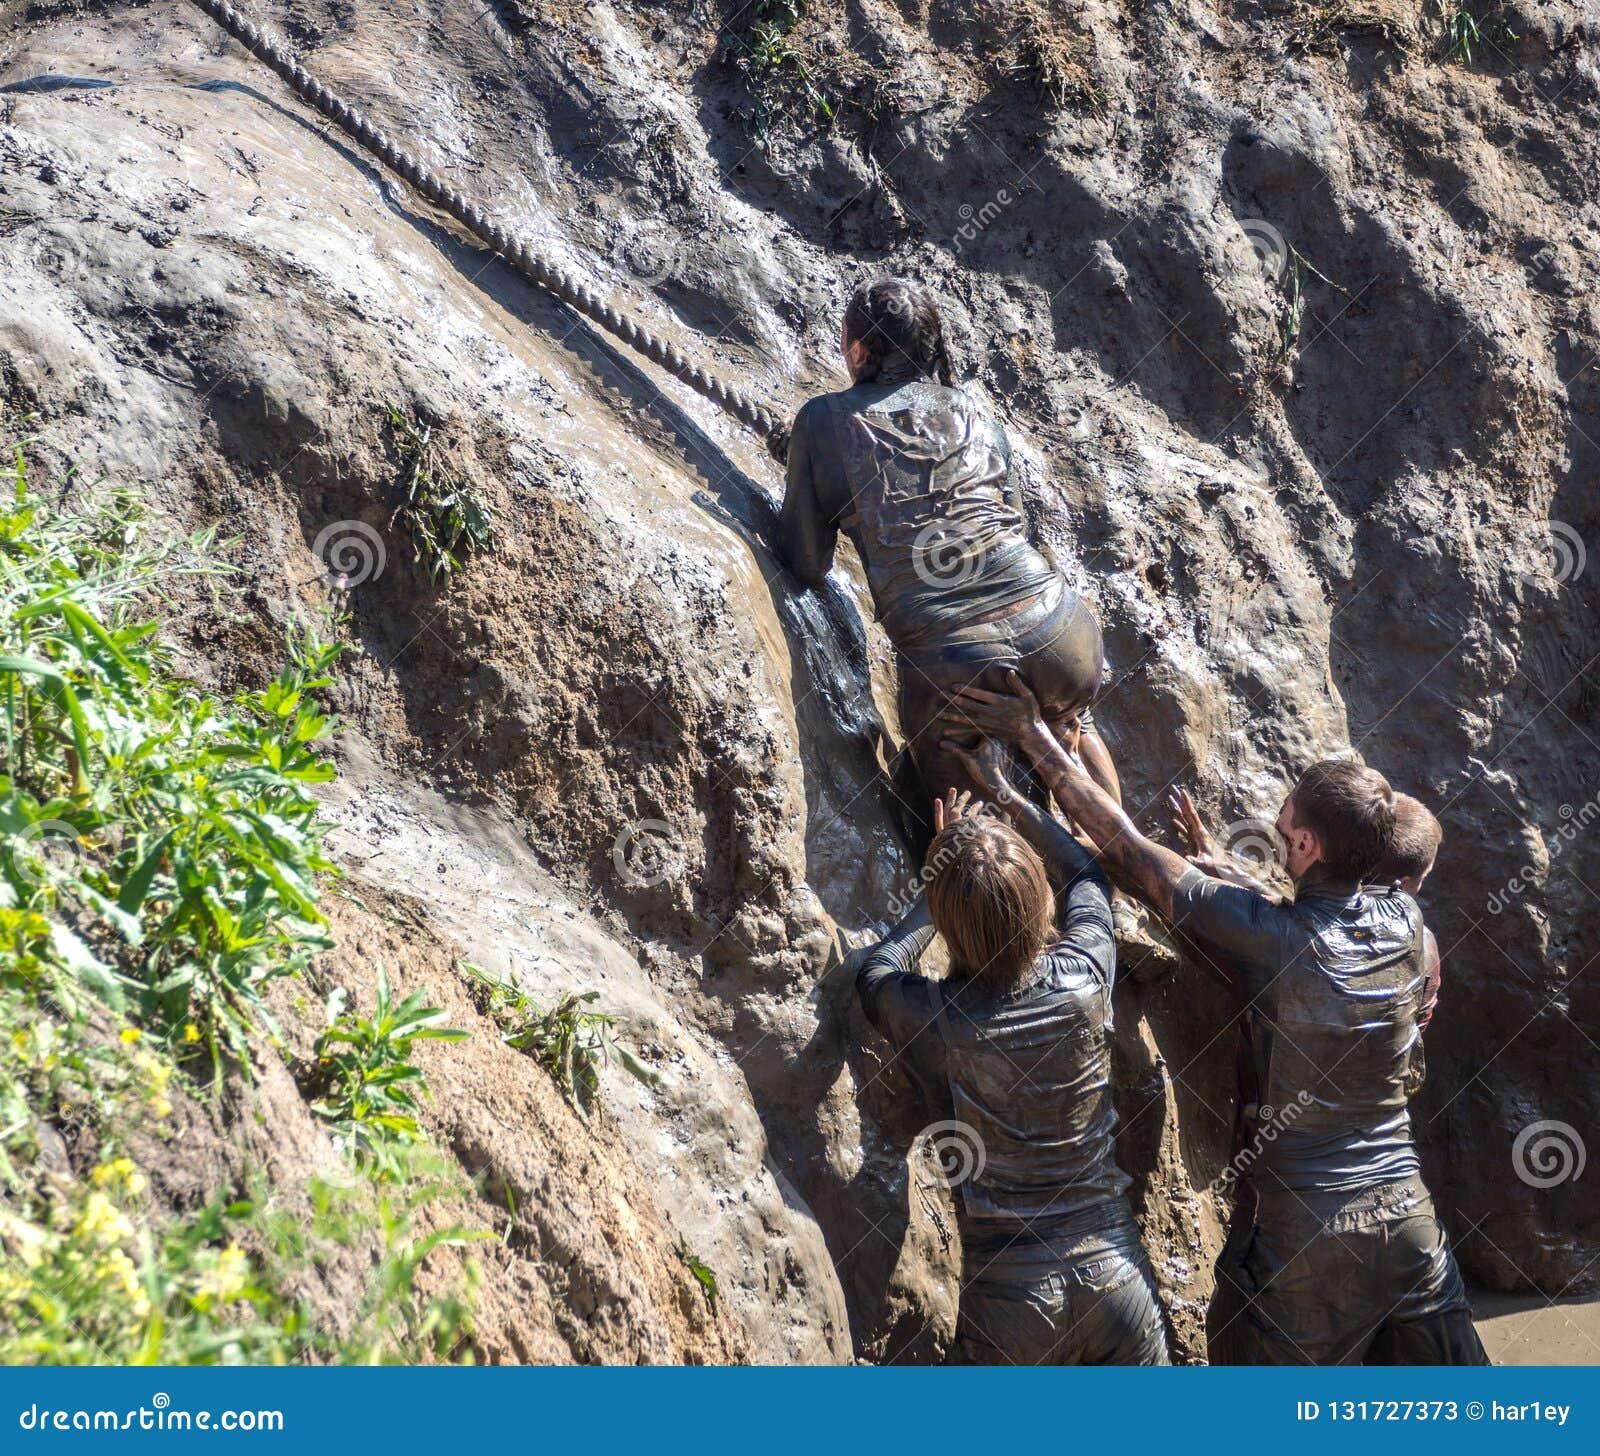 Les jeunes passent le parcours du combattant Coureurs de course de boue Montée de la corde teamwork